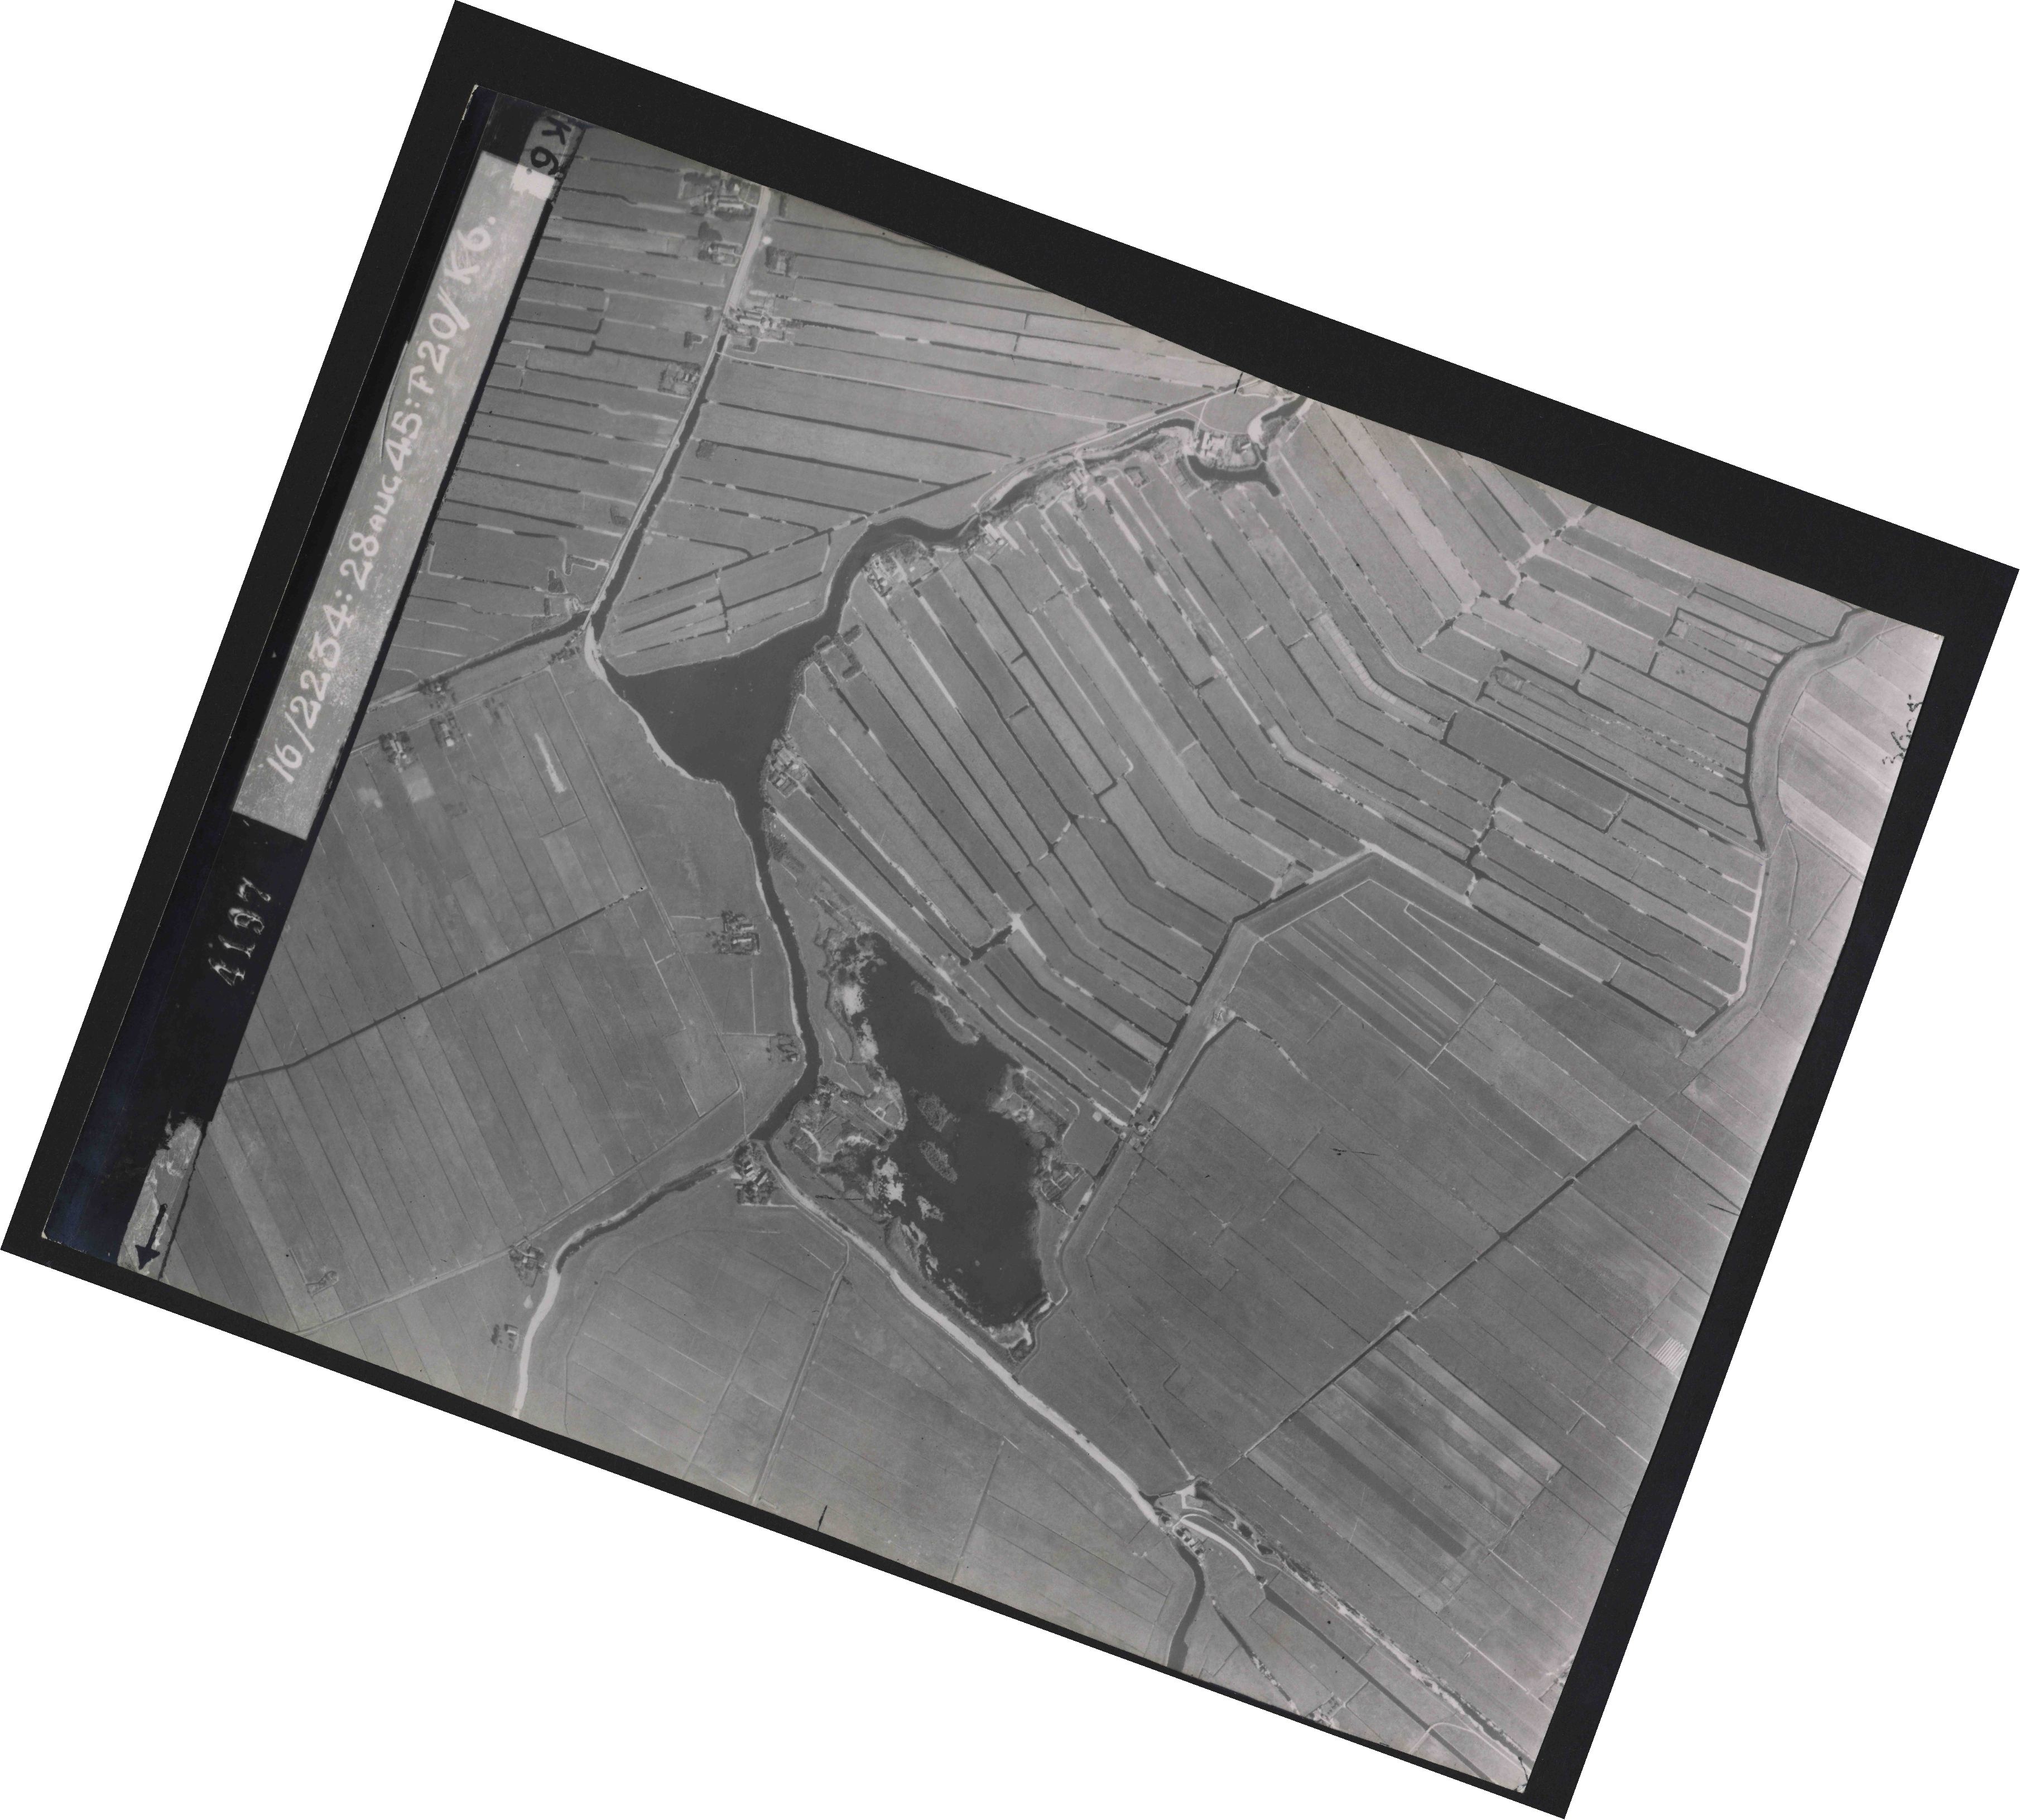 Collection RAF aerial photos 1940-1945 - flight 031, run 01, photo 4197